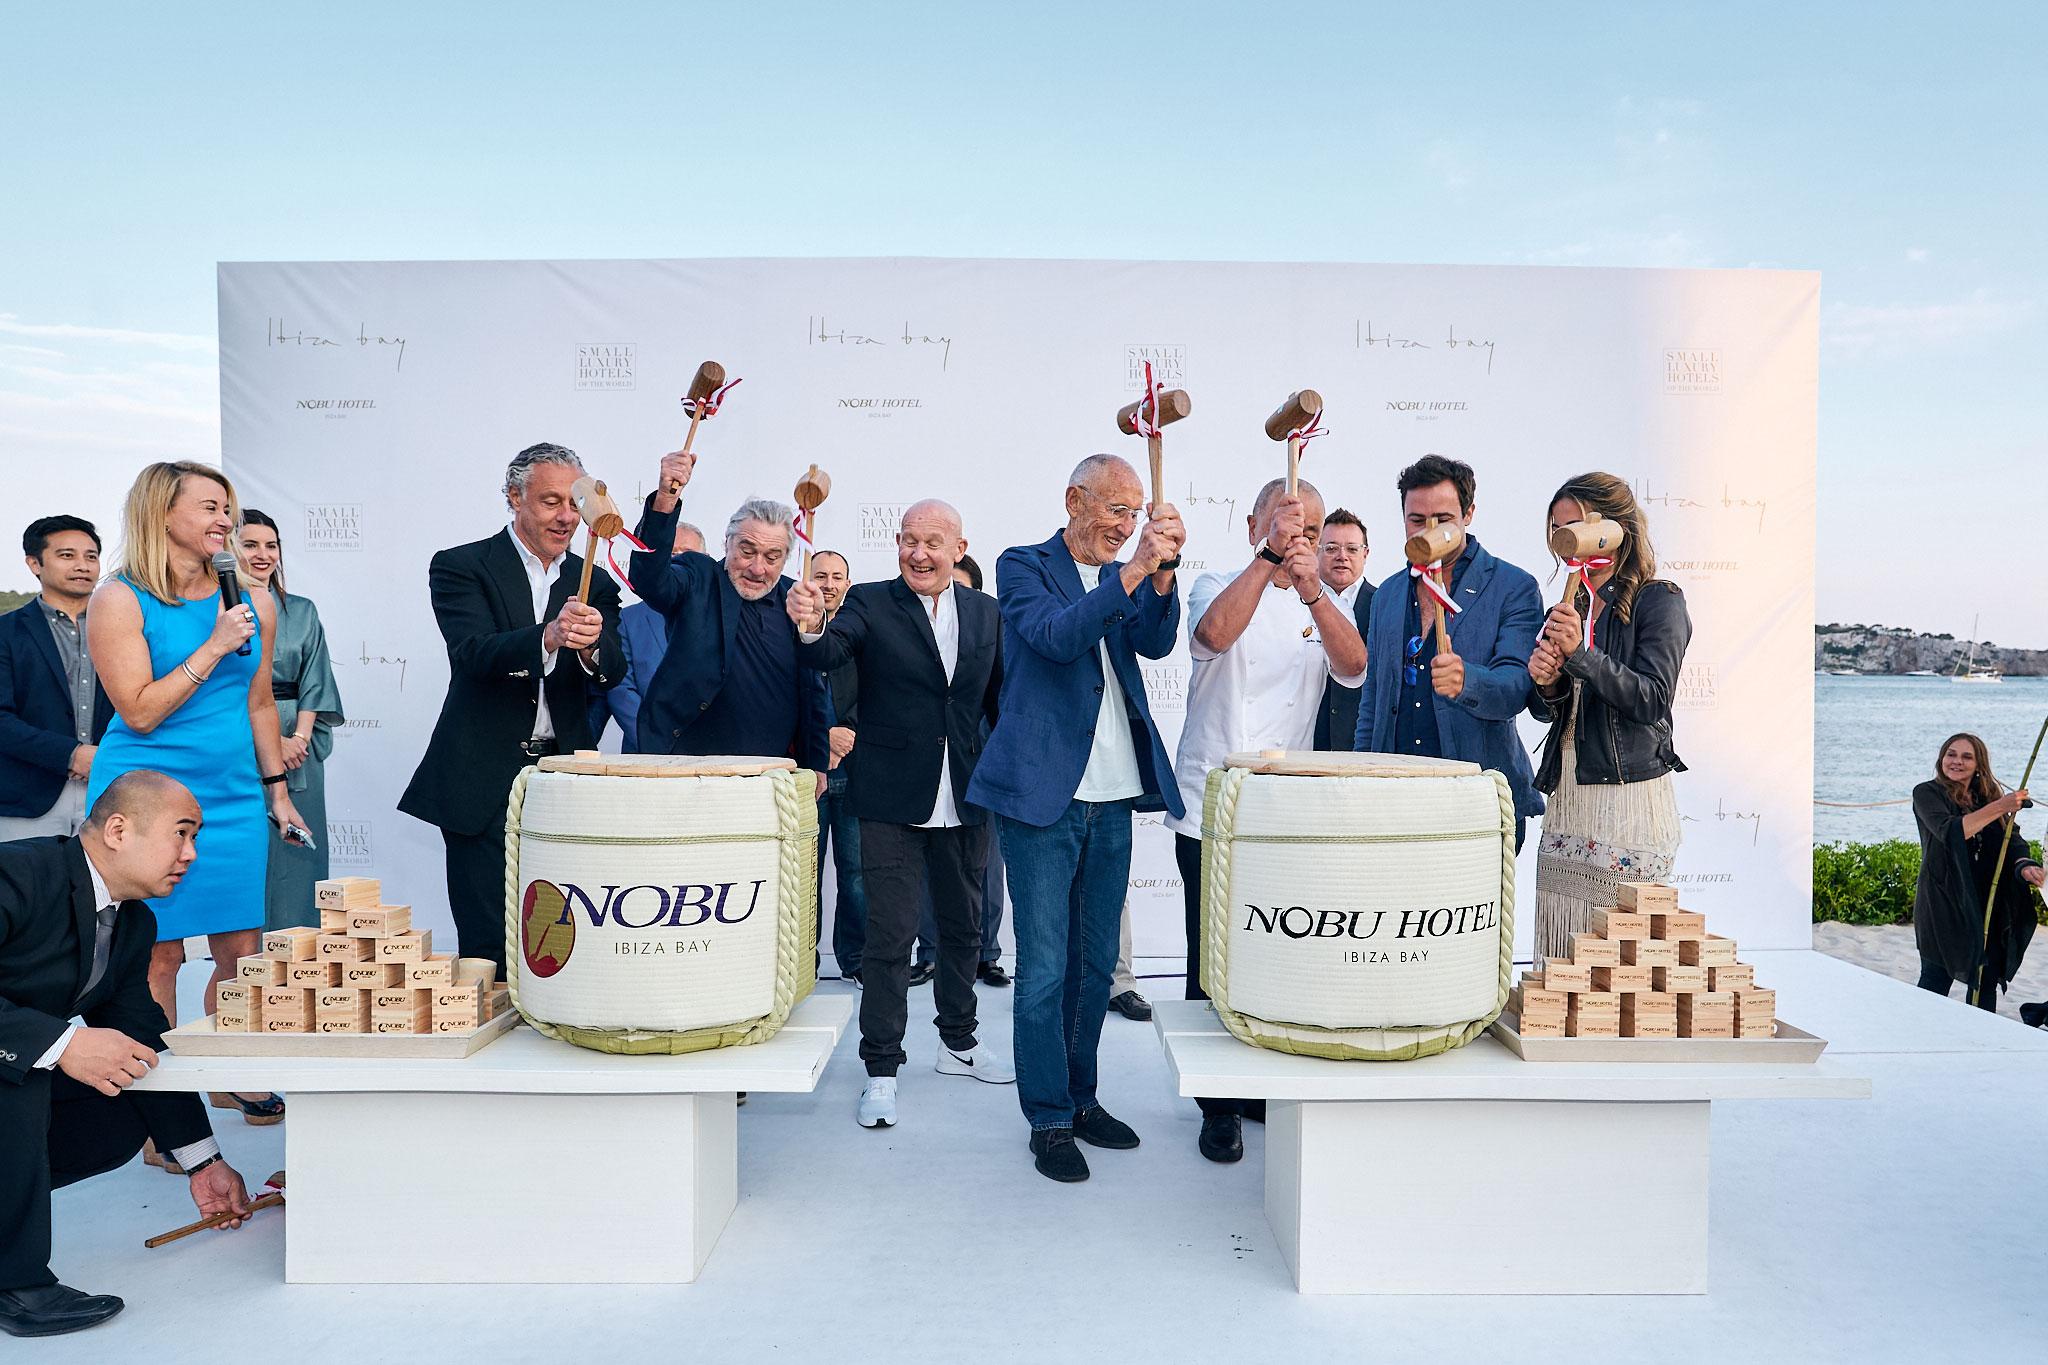 Nobu Hotels - Global Luxury Lifestyle Hotel Group - Nobu